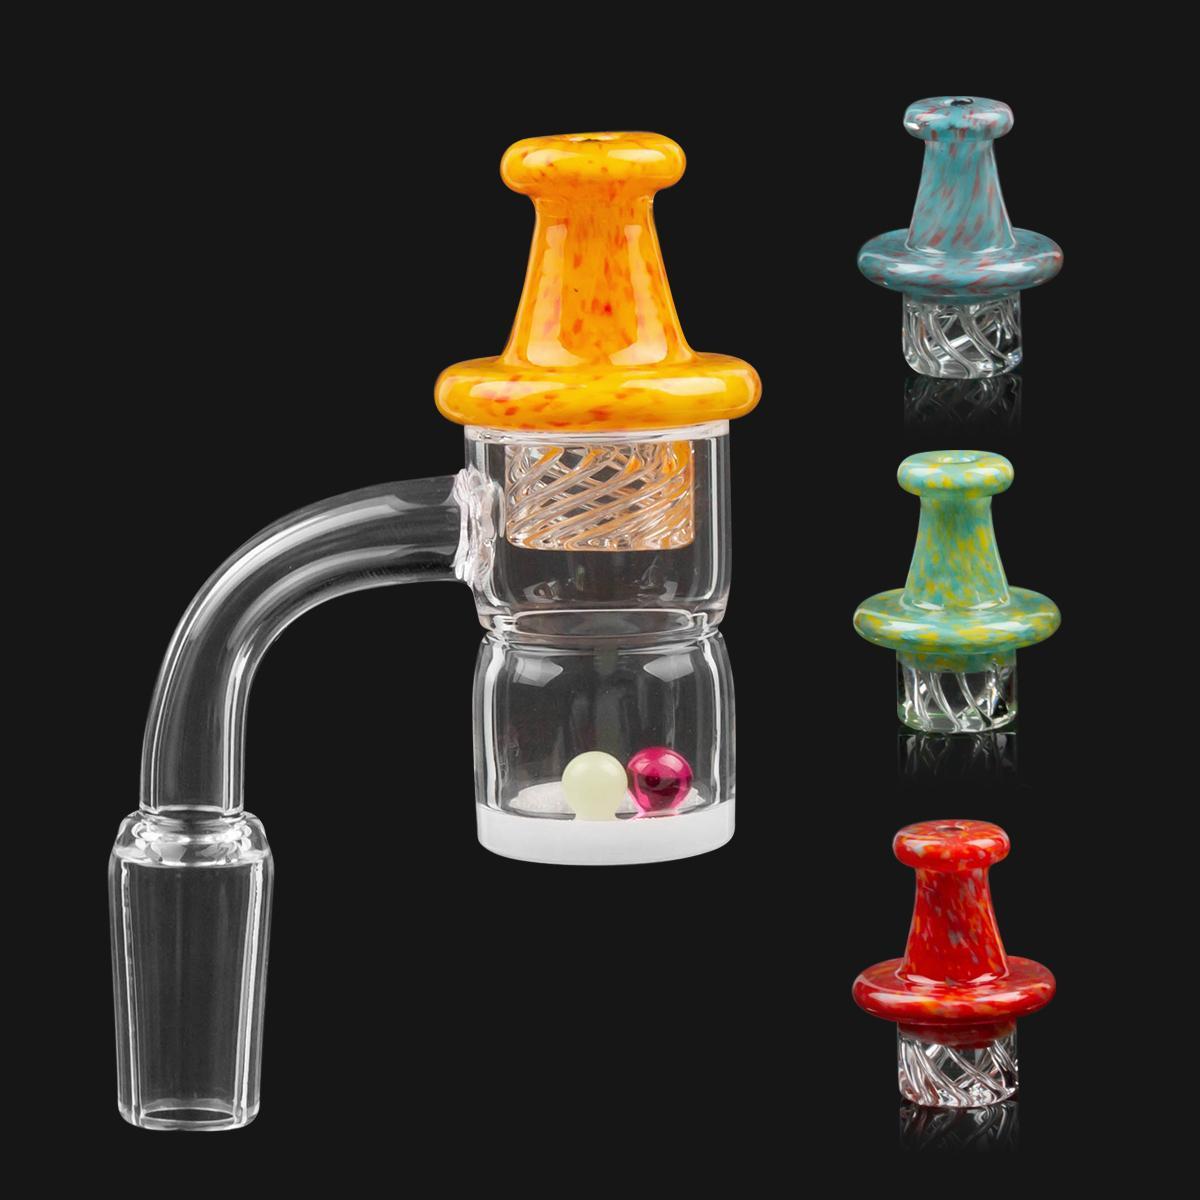 Abgeschrägte Kante Prevent Öl Spritzen Quarz Banger Nail + Spinning Carb Cap + Terp Perlen mit 10mm 14mm 18mm Männlich Weiblich Für Dab Rig Wasserrohr